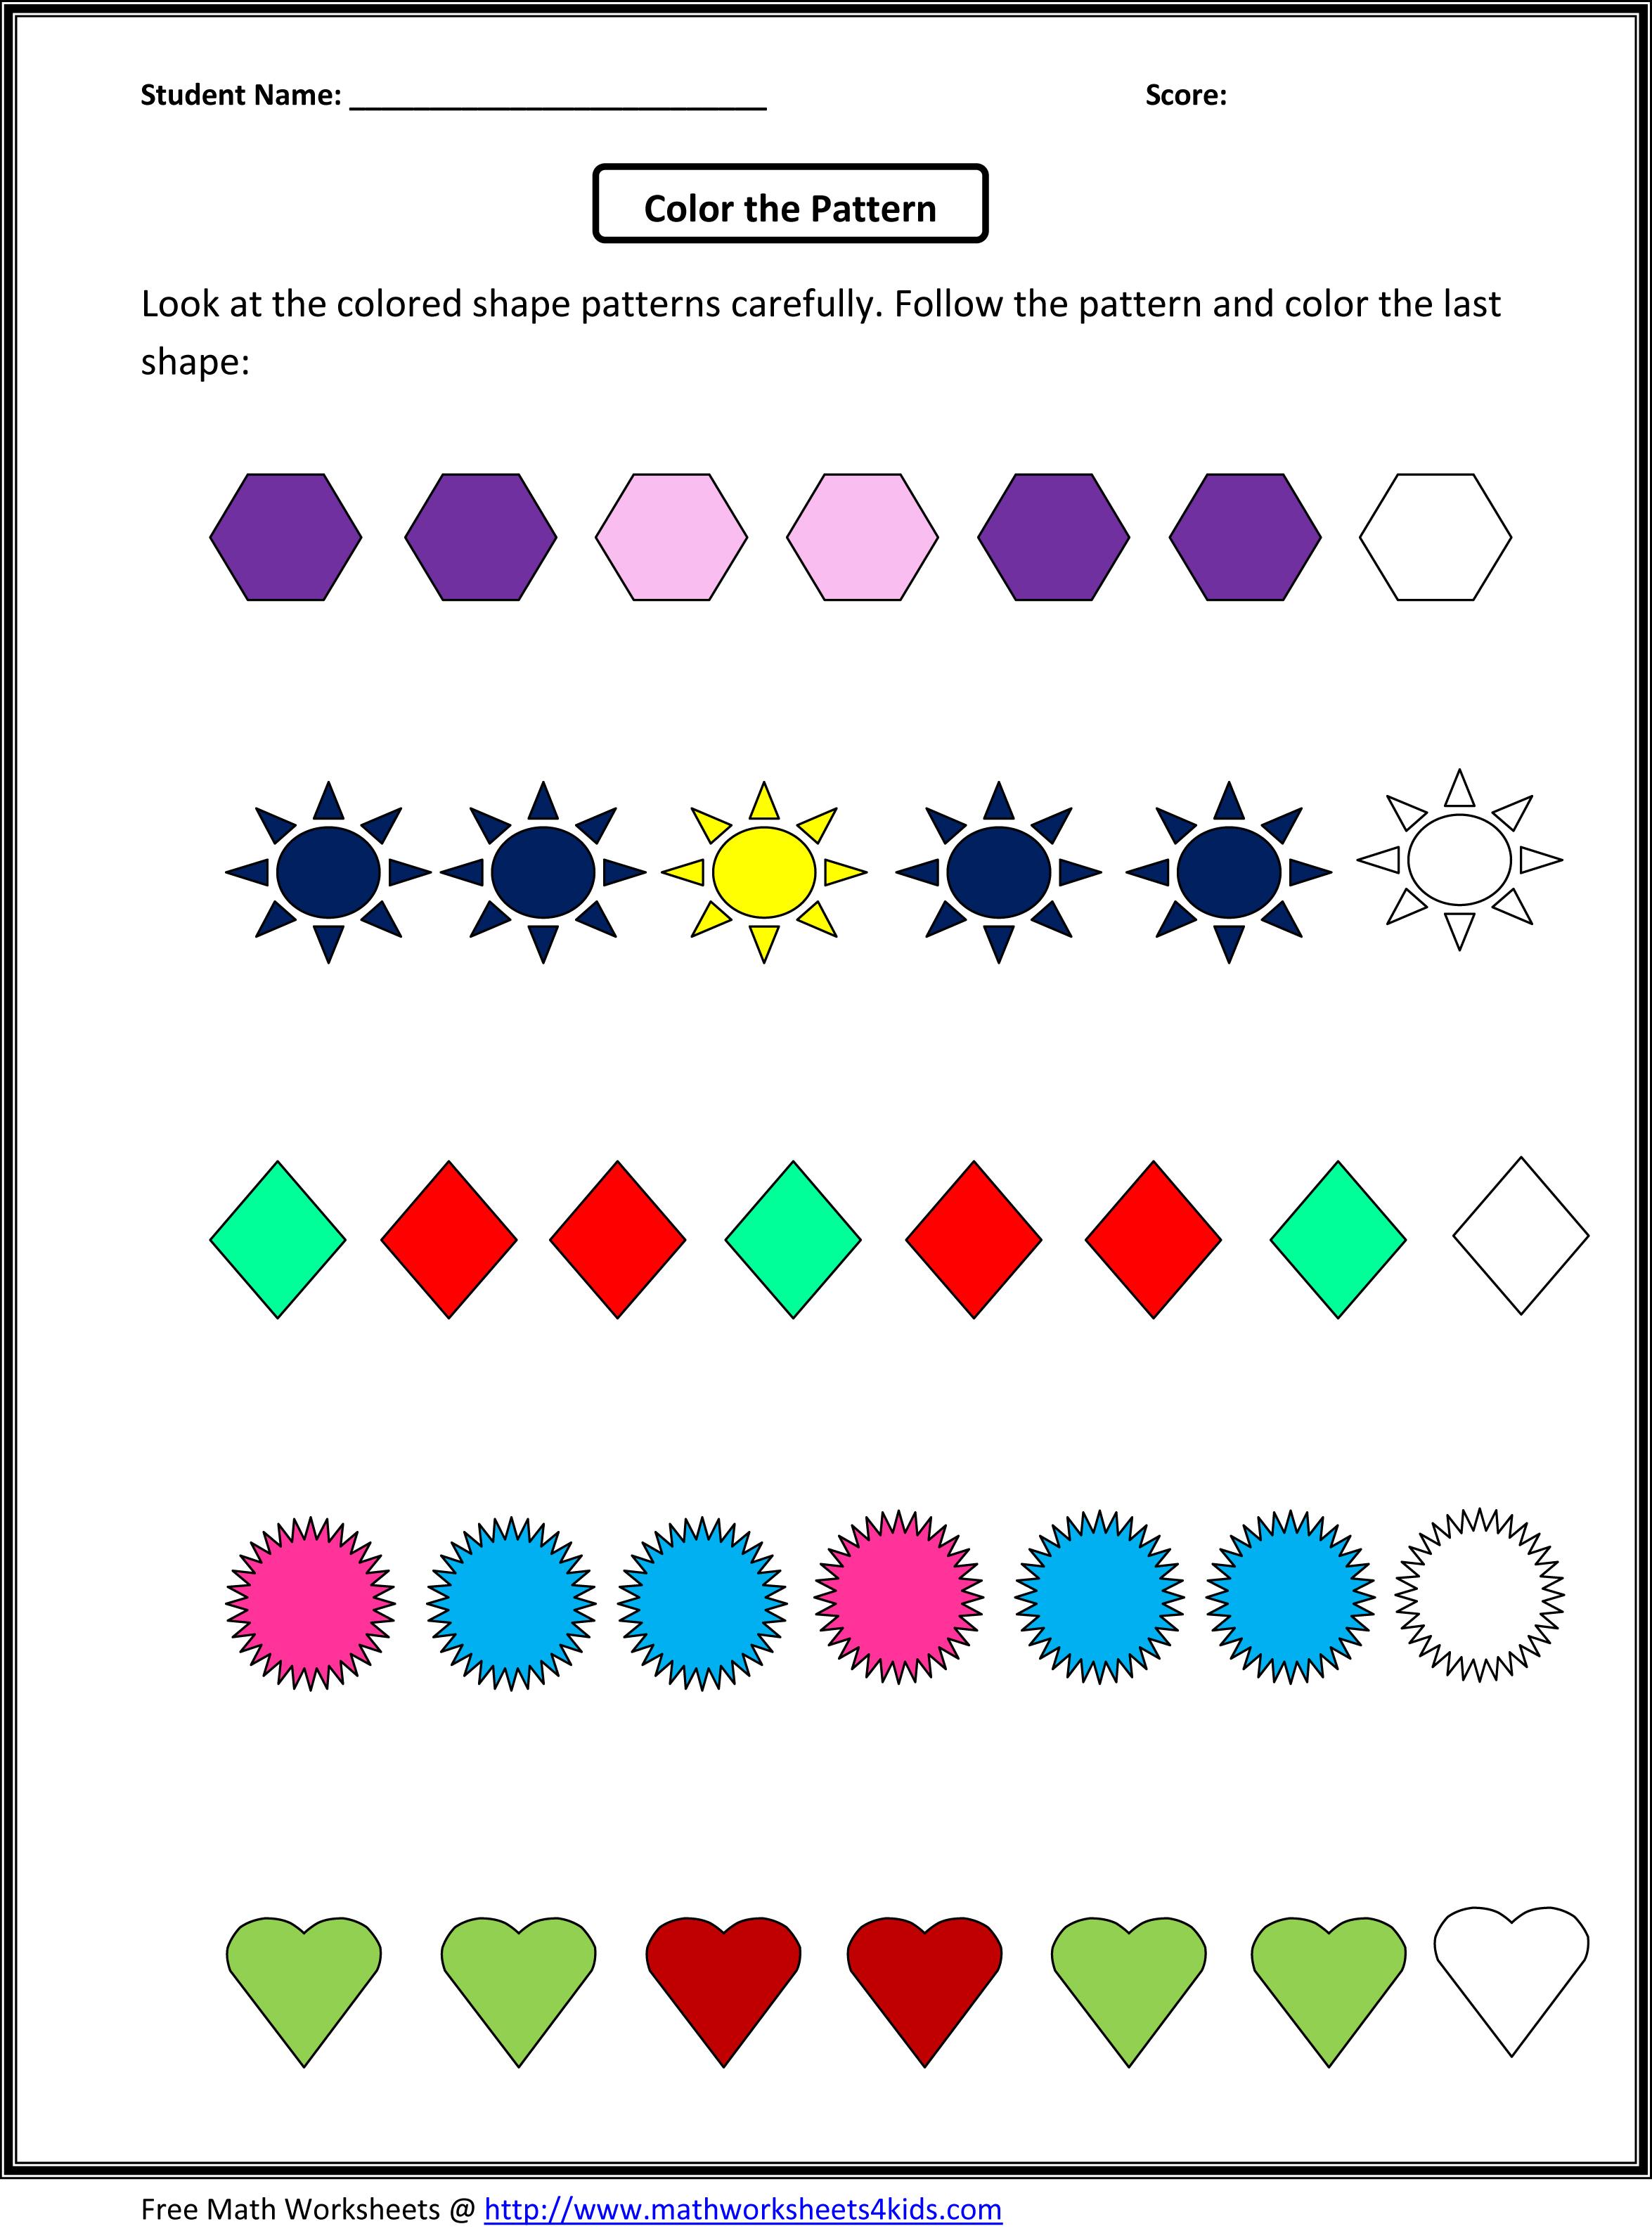 Patterns Worksheet for 2nd Grade